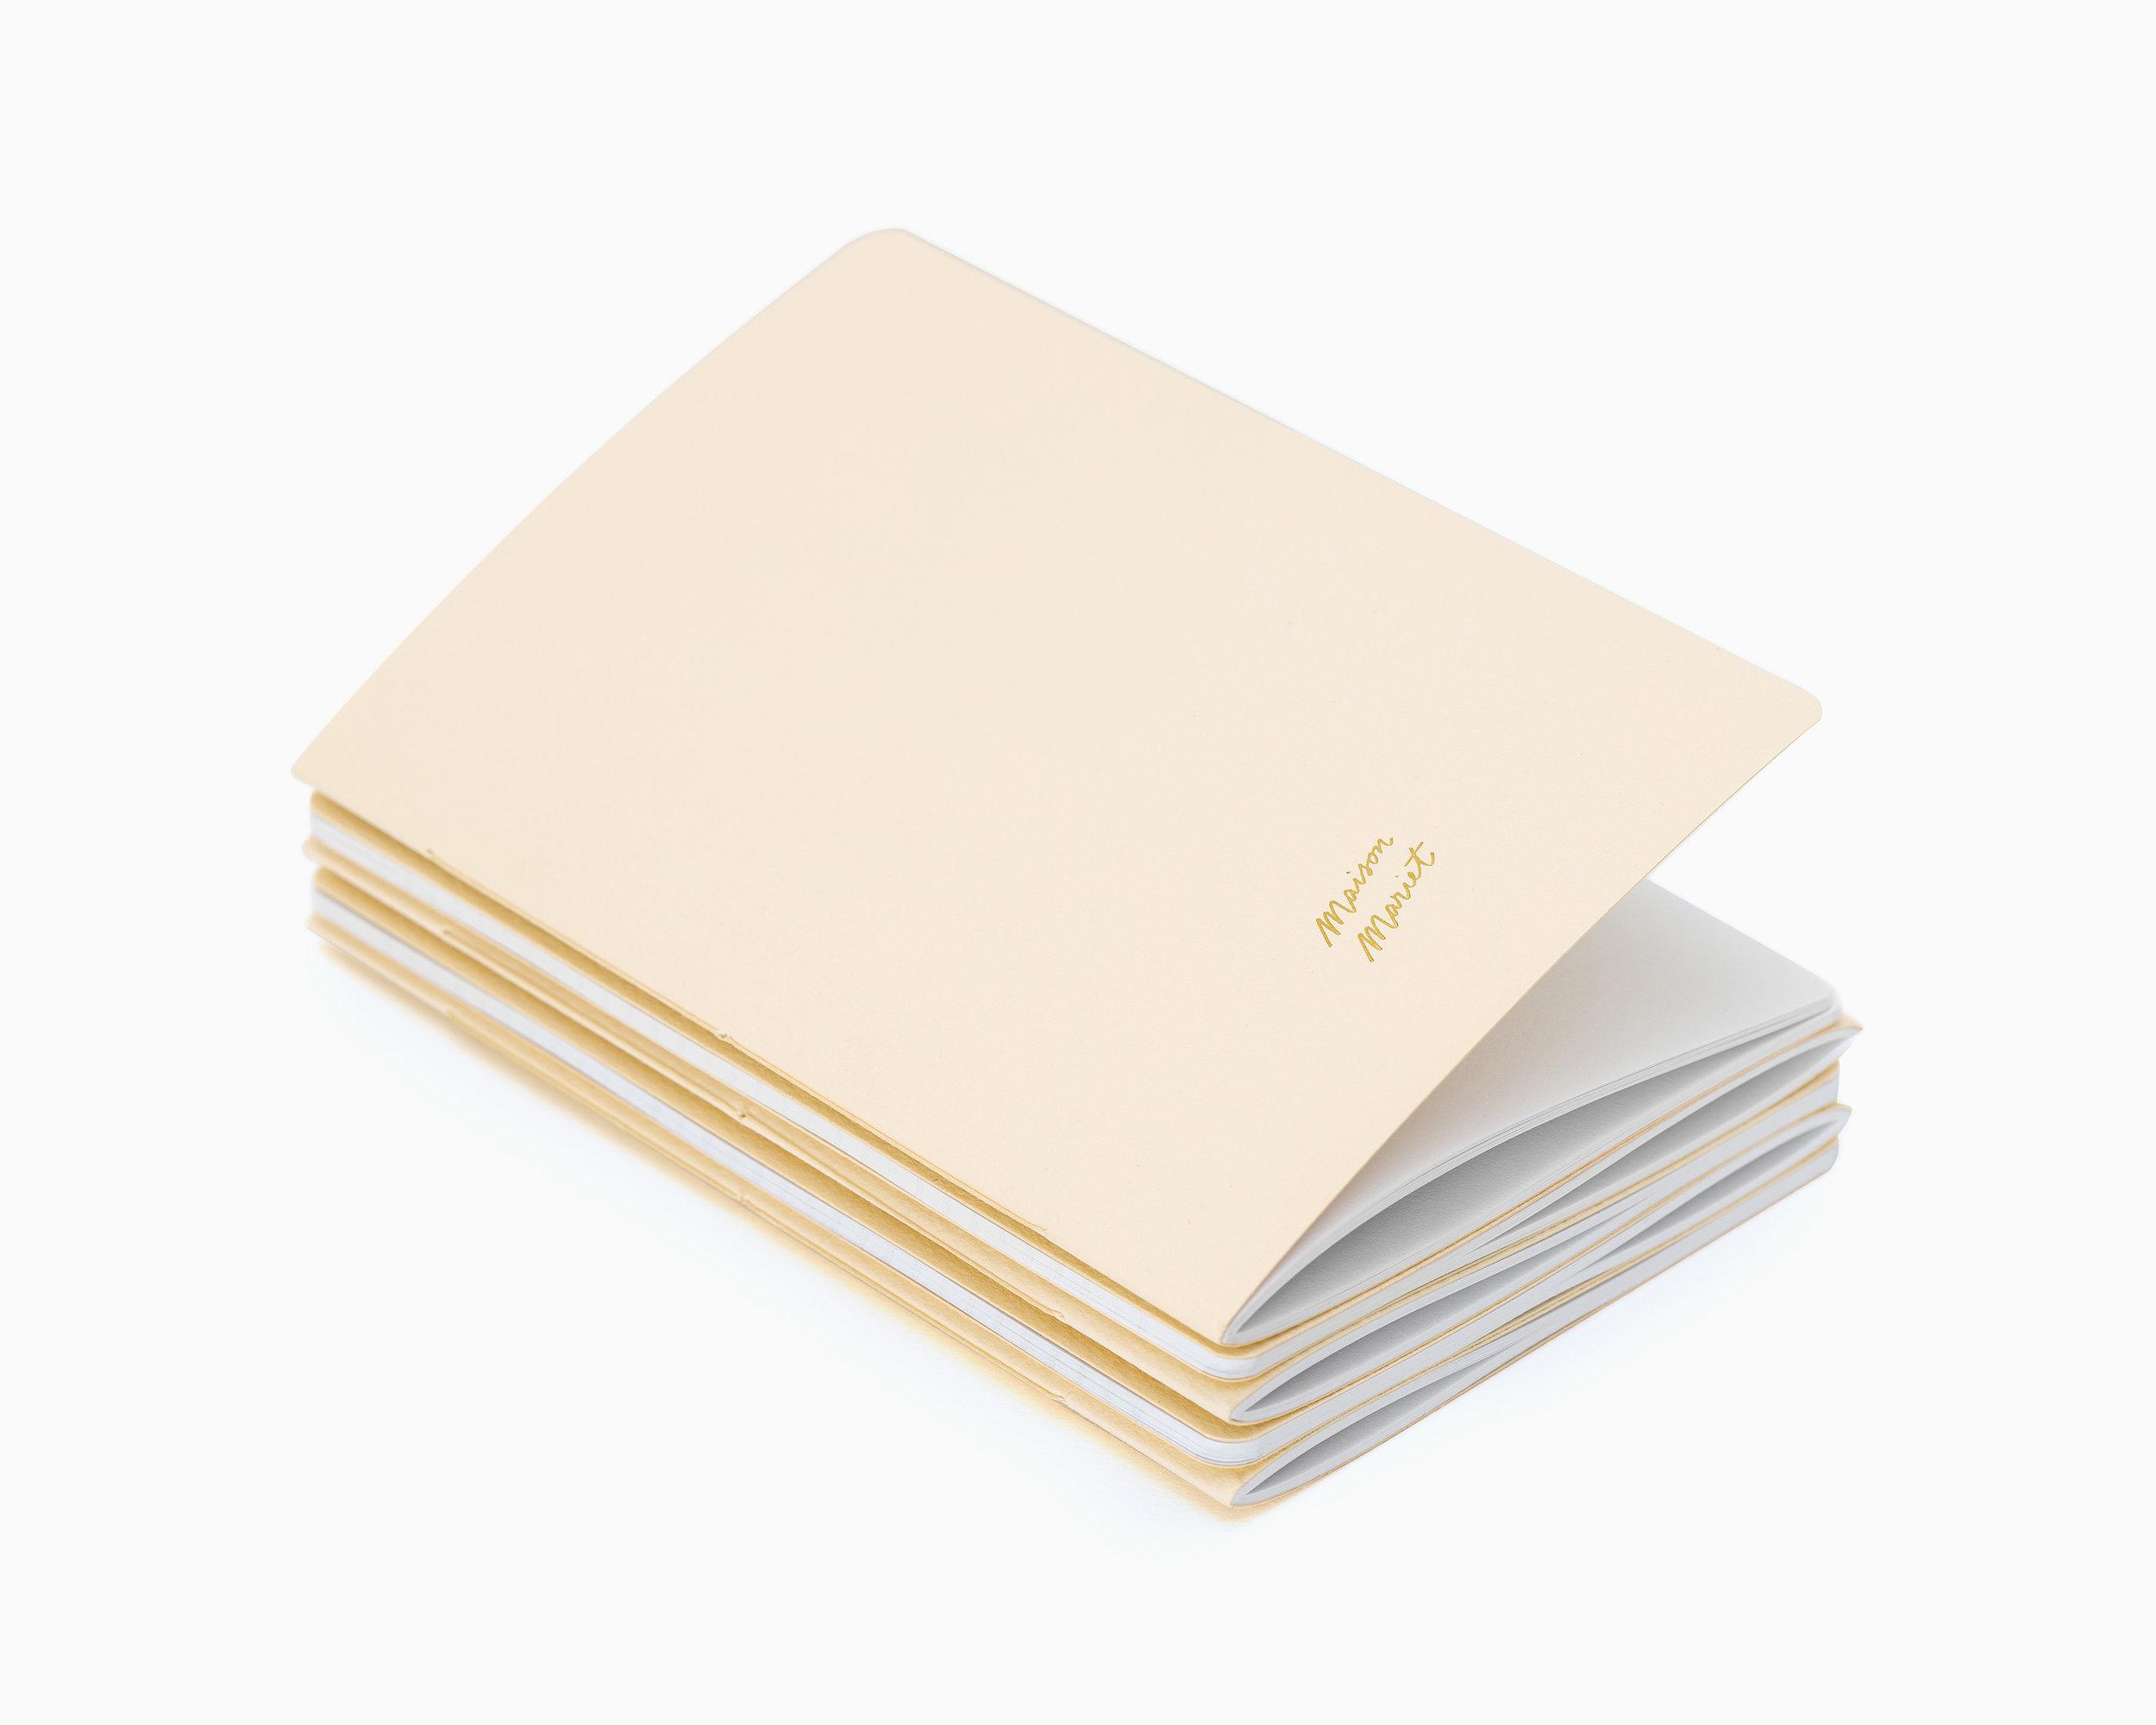 carnet 12x18cm beige.jpg